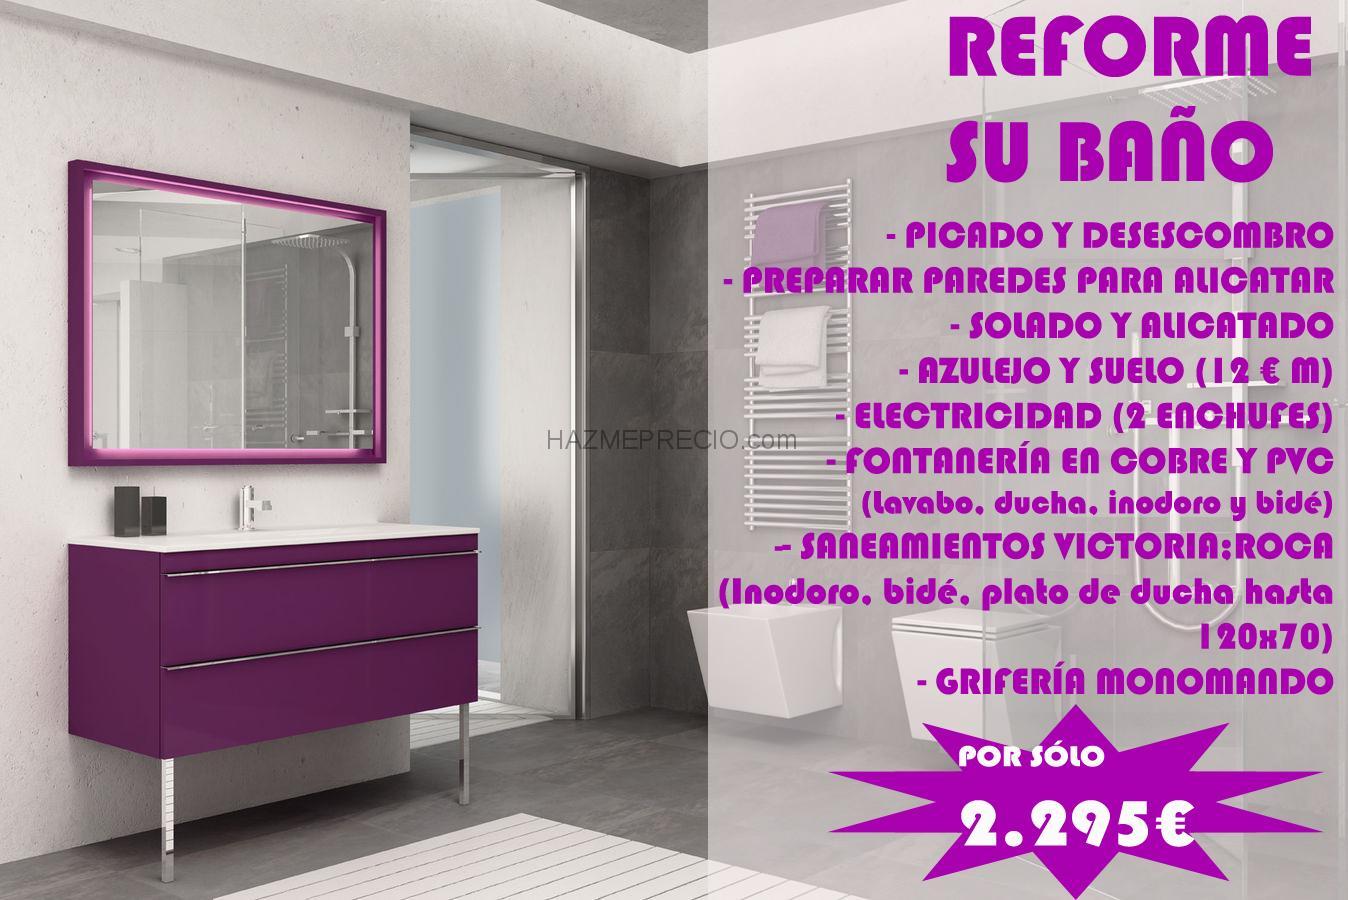 Griferia Para Baño Homecenter:Integrales Cocinas Ba Os Platos De Ducha Puertas Aluminio Pictures to